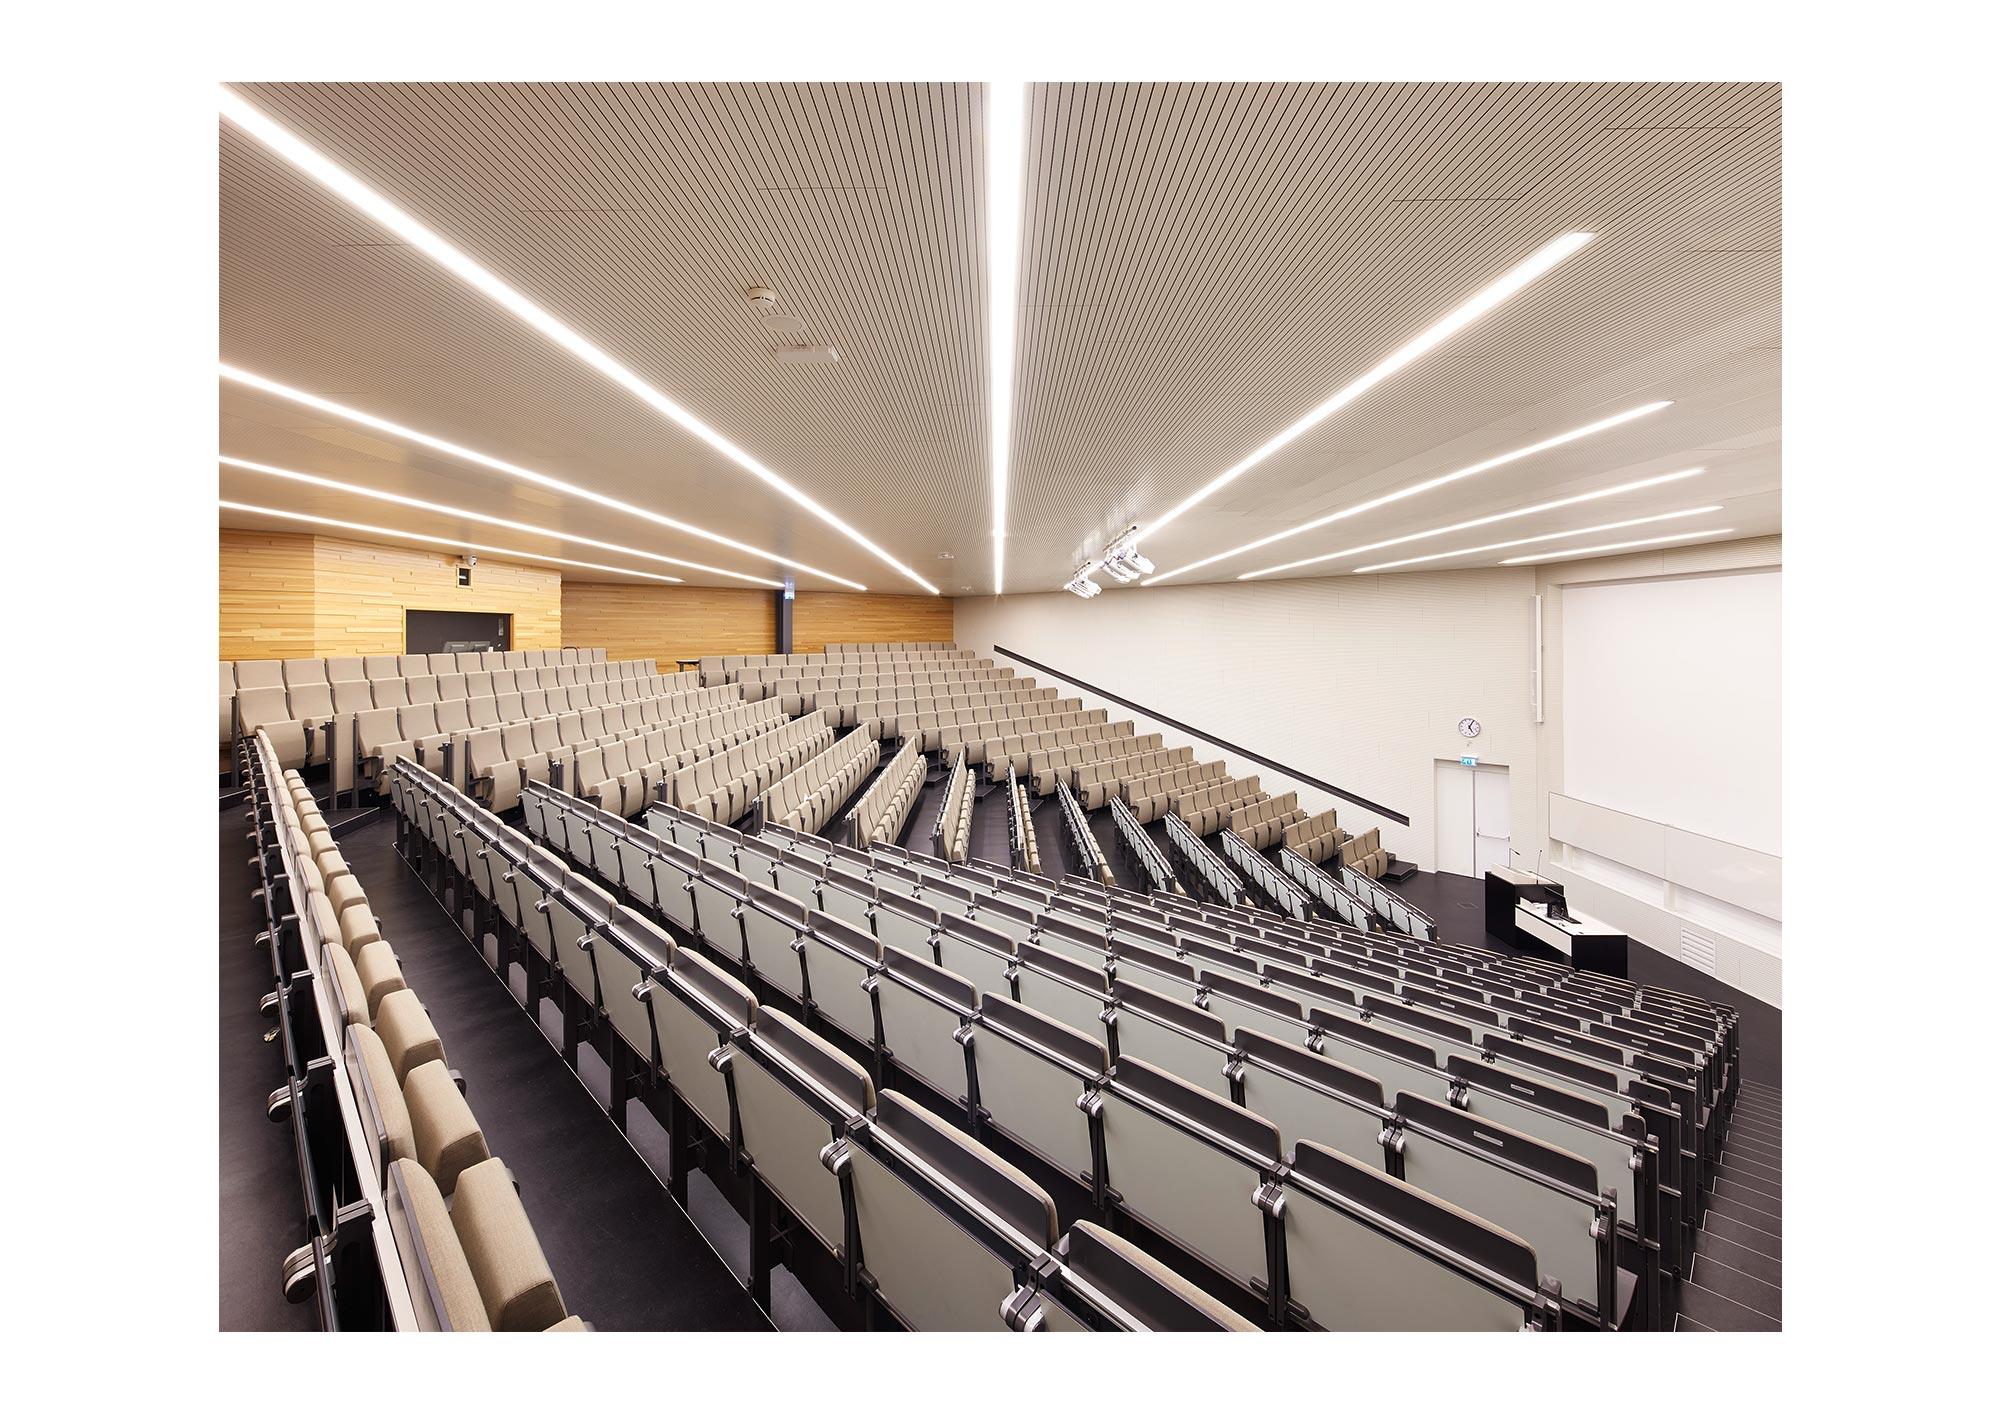 Piet Niemann Architectural Photographer Hamburg Germany Nijmegen Netherlands / Architekturfotograf Hamburg Deutschland Nimwegen Niederlande / Grotiusgebouw Benthemcrouwel Architects